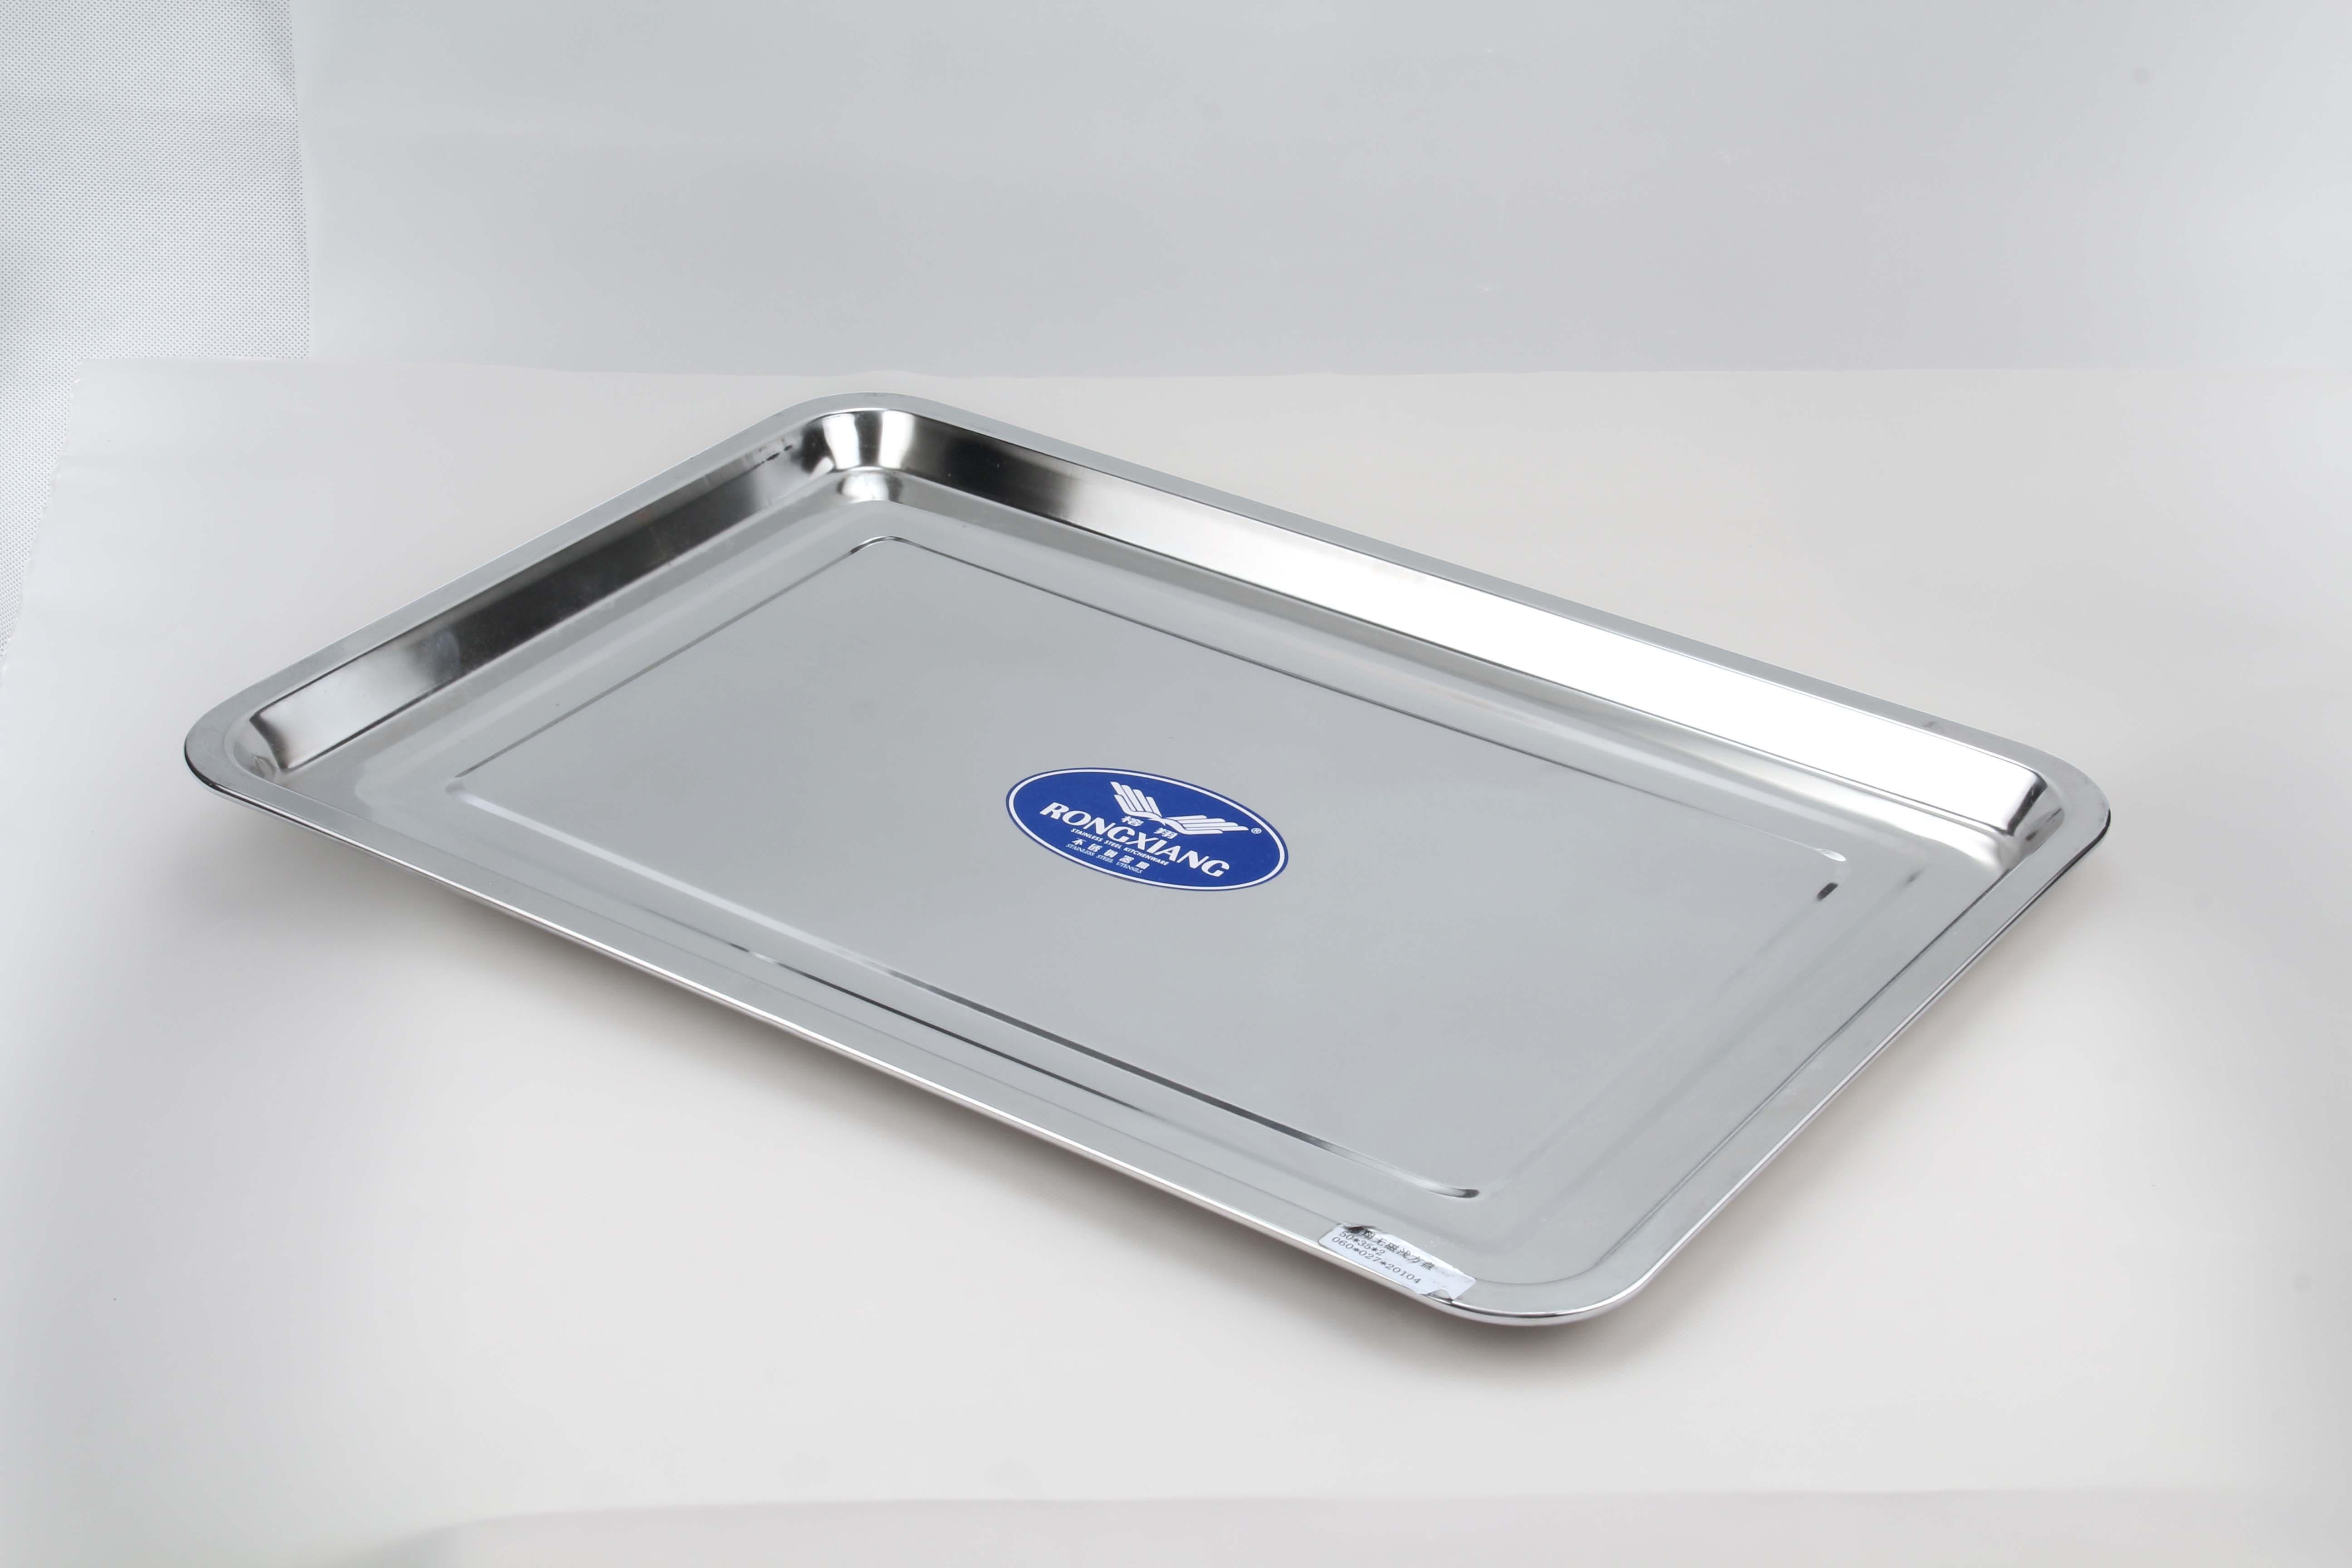 陕西加尔伏商贸有限公司|加尔伏厨具:不锈钢厨具清洁维护办法: